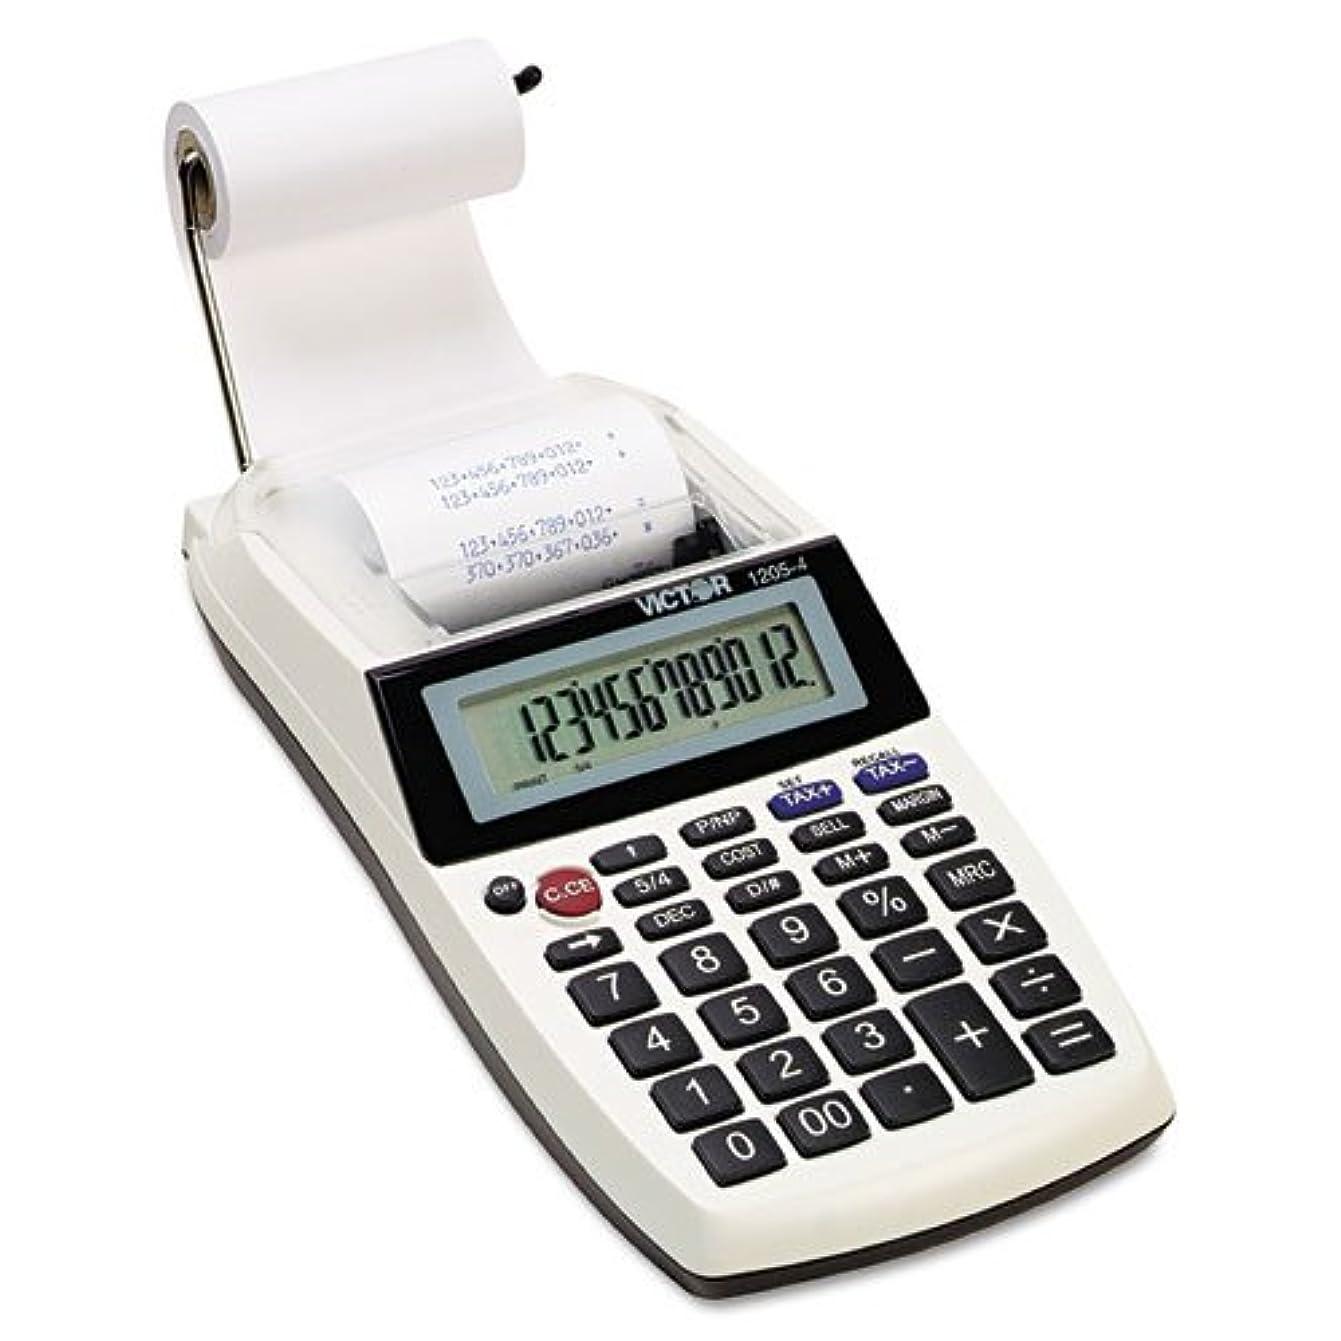 Victor Technology 12桁印刷電卓 ポータブル 印刷 4インチ x 8インチ x 2インチ